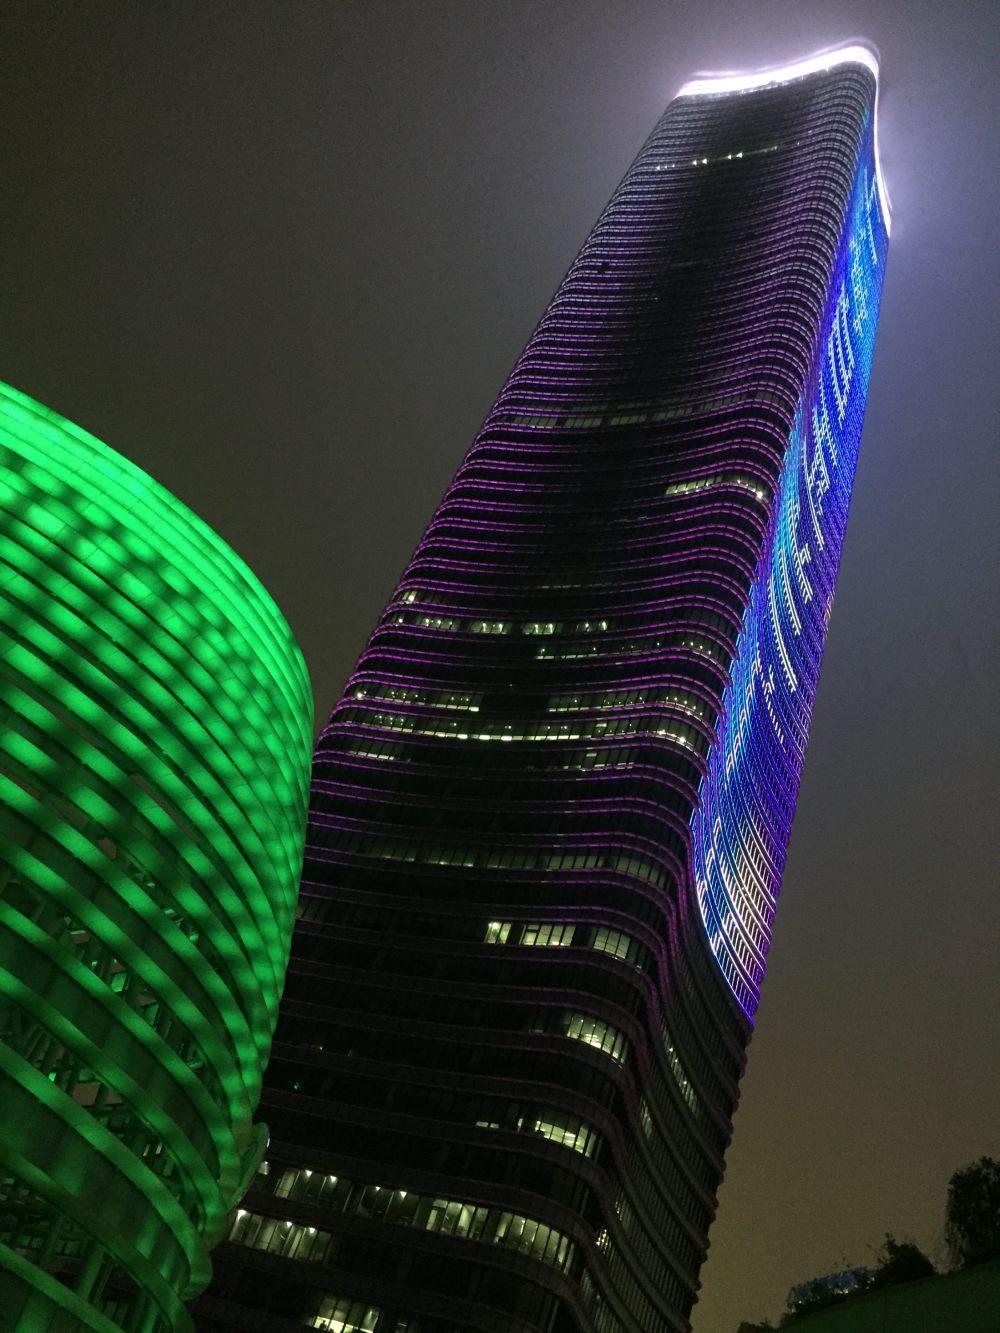 上海外滩W酒店,史上最全入住体验 自拍分享,申请置...._IMG_5927.JPG